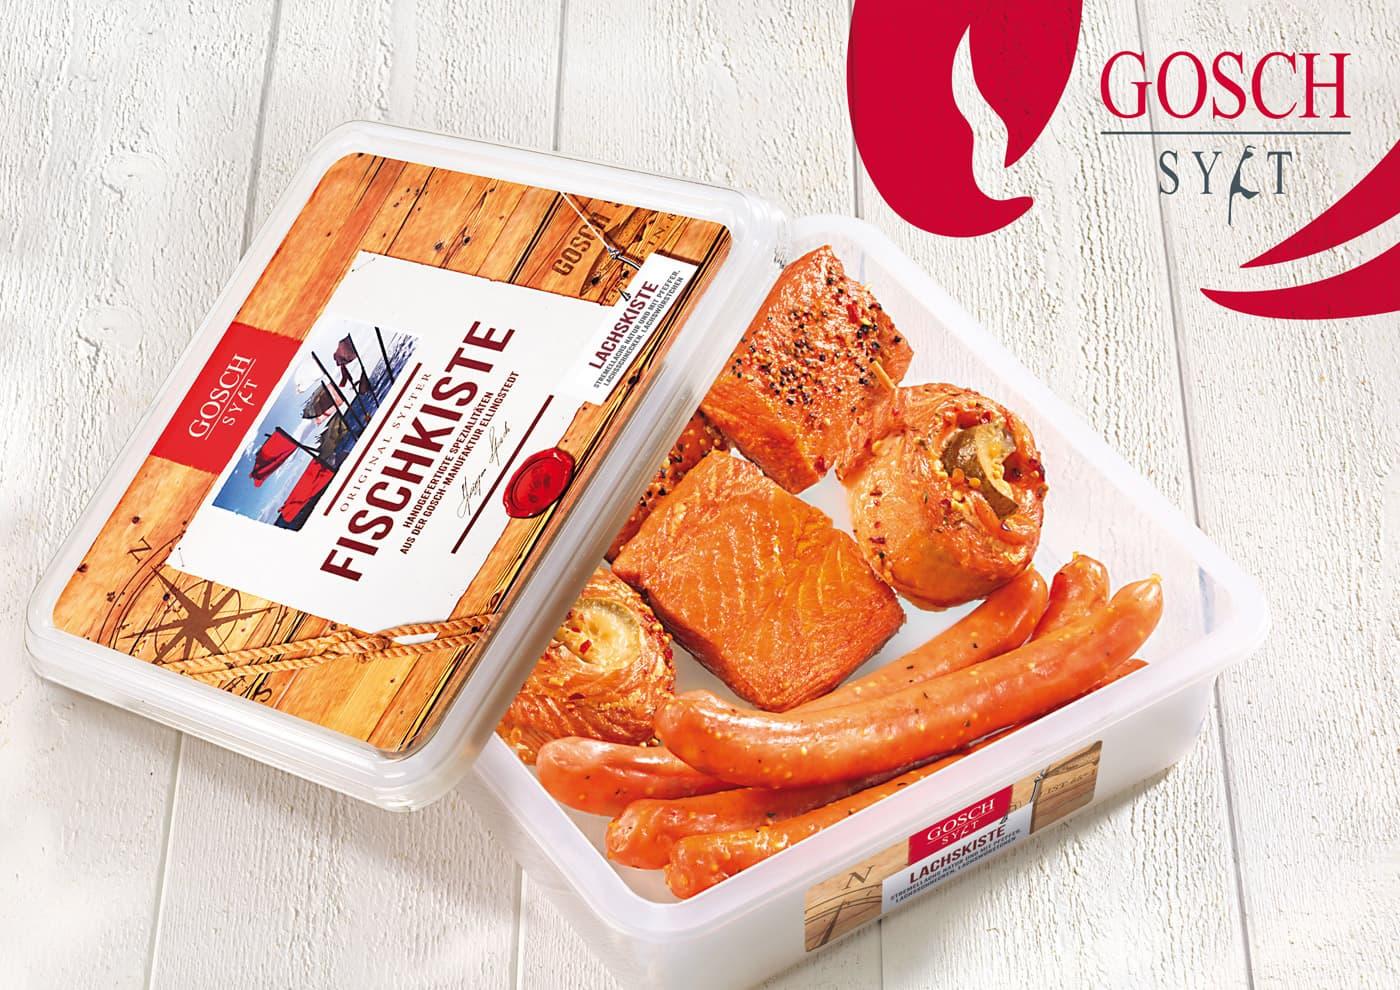 """CD-Entwicklung und Markenführung für """"GOSCH Sylt"""": Packaging für verschiedene Fisch-Produkte"""